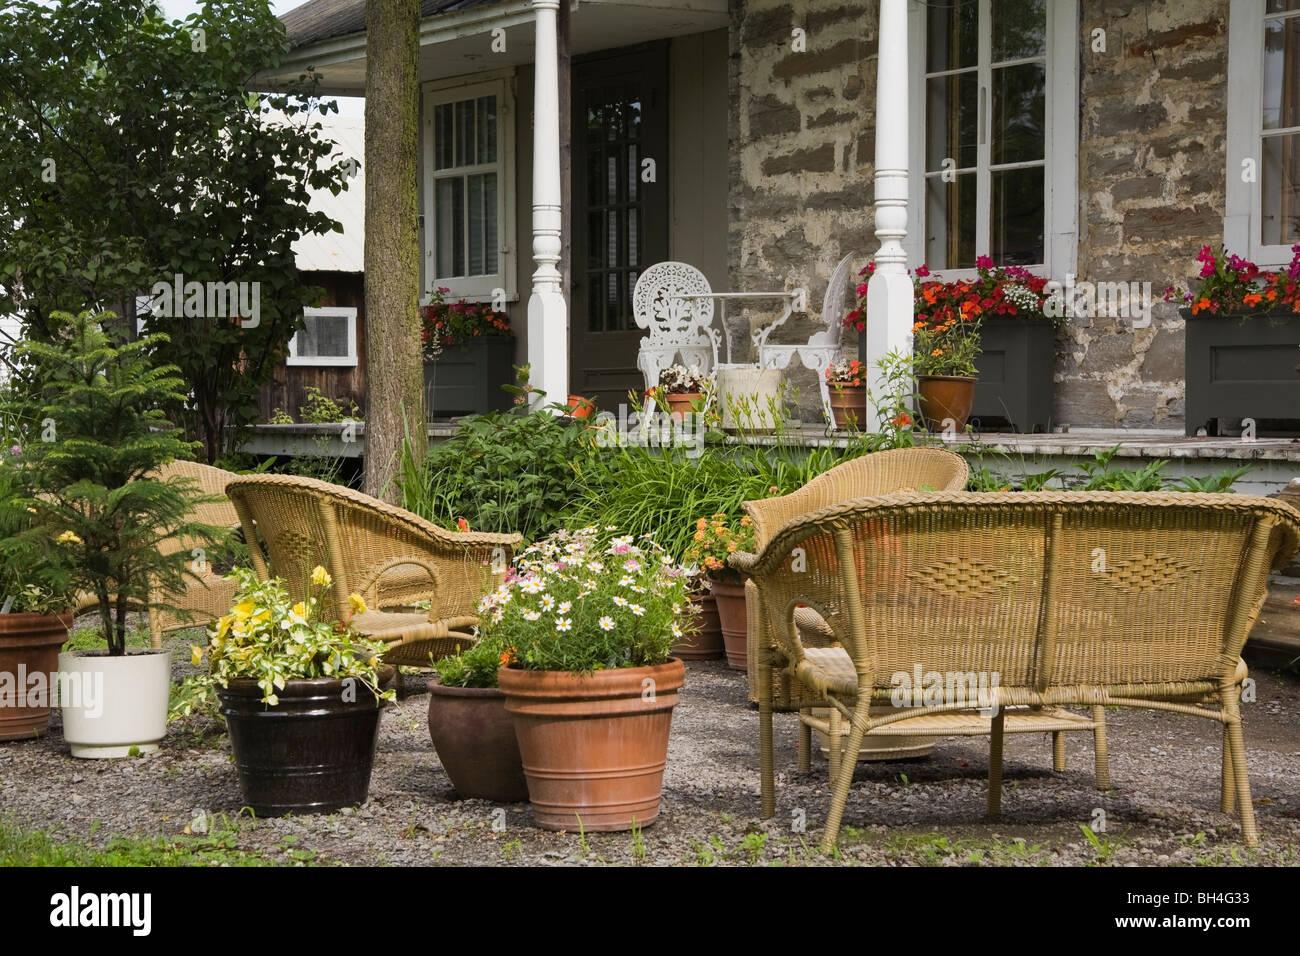 Vasi di piante e arredi di vimini nel cortile anteriore con Canadiana-stile Home in background, Laval, Québec Immagini Stock